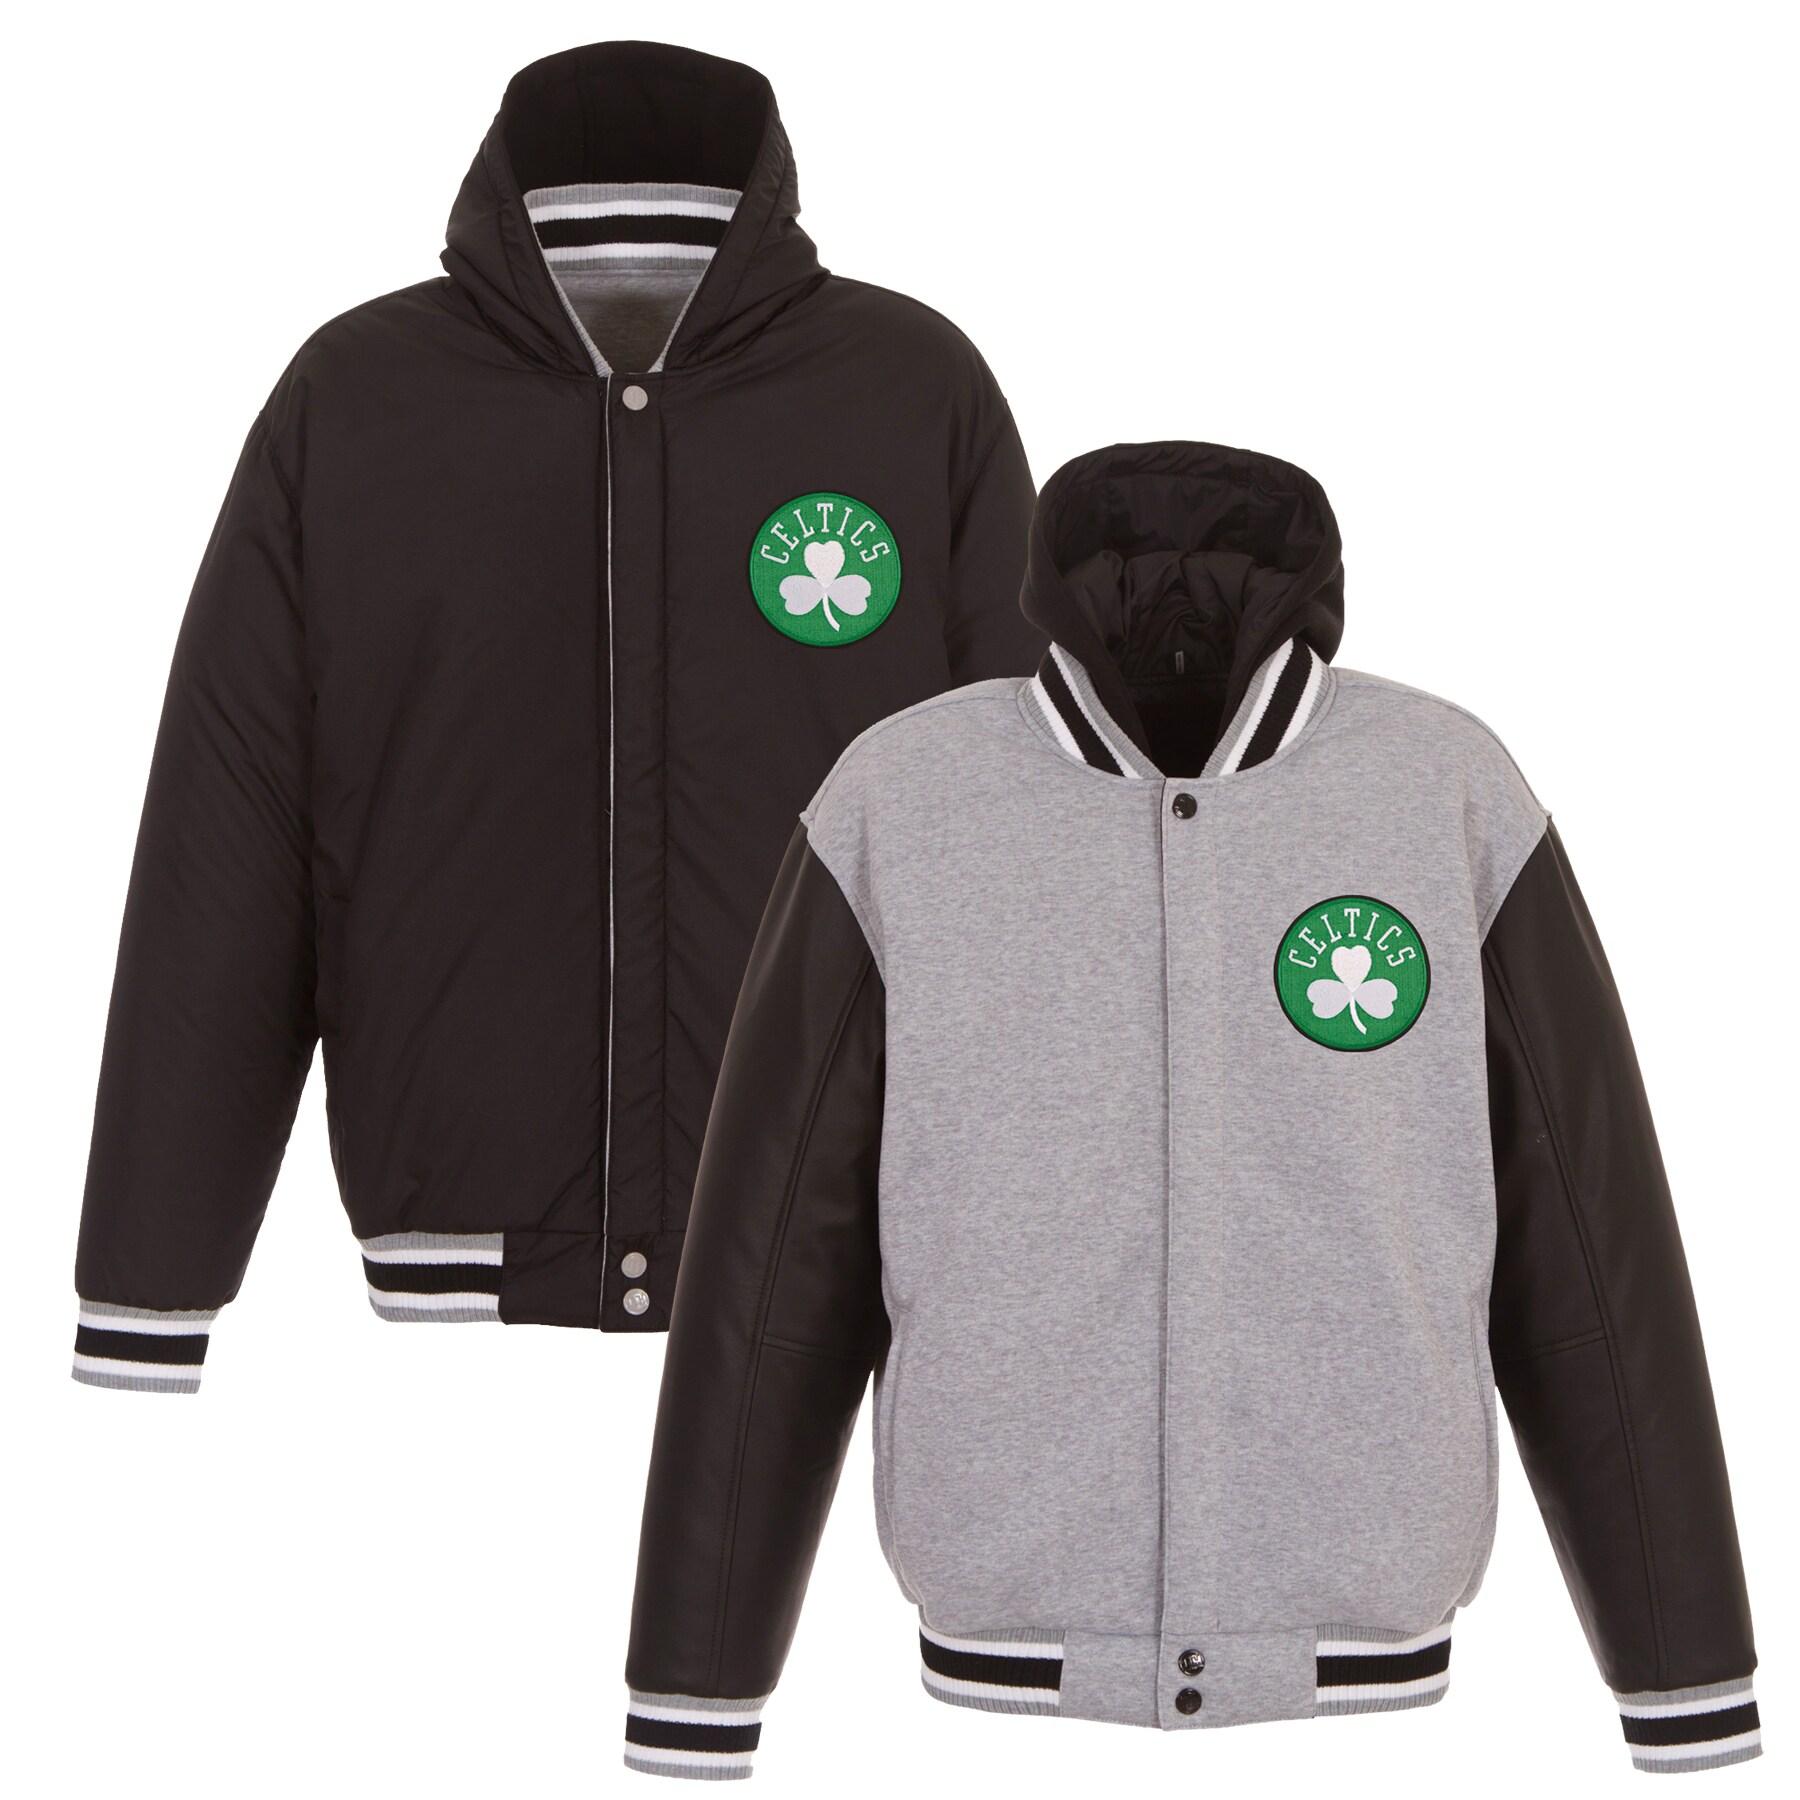 Boston Celtics JH Design Embroidered Logo Reversible Hooded Fleece Full-Snap Jacket - Gray/Black